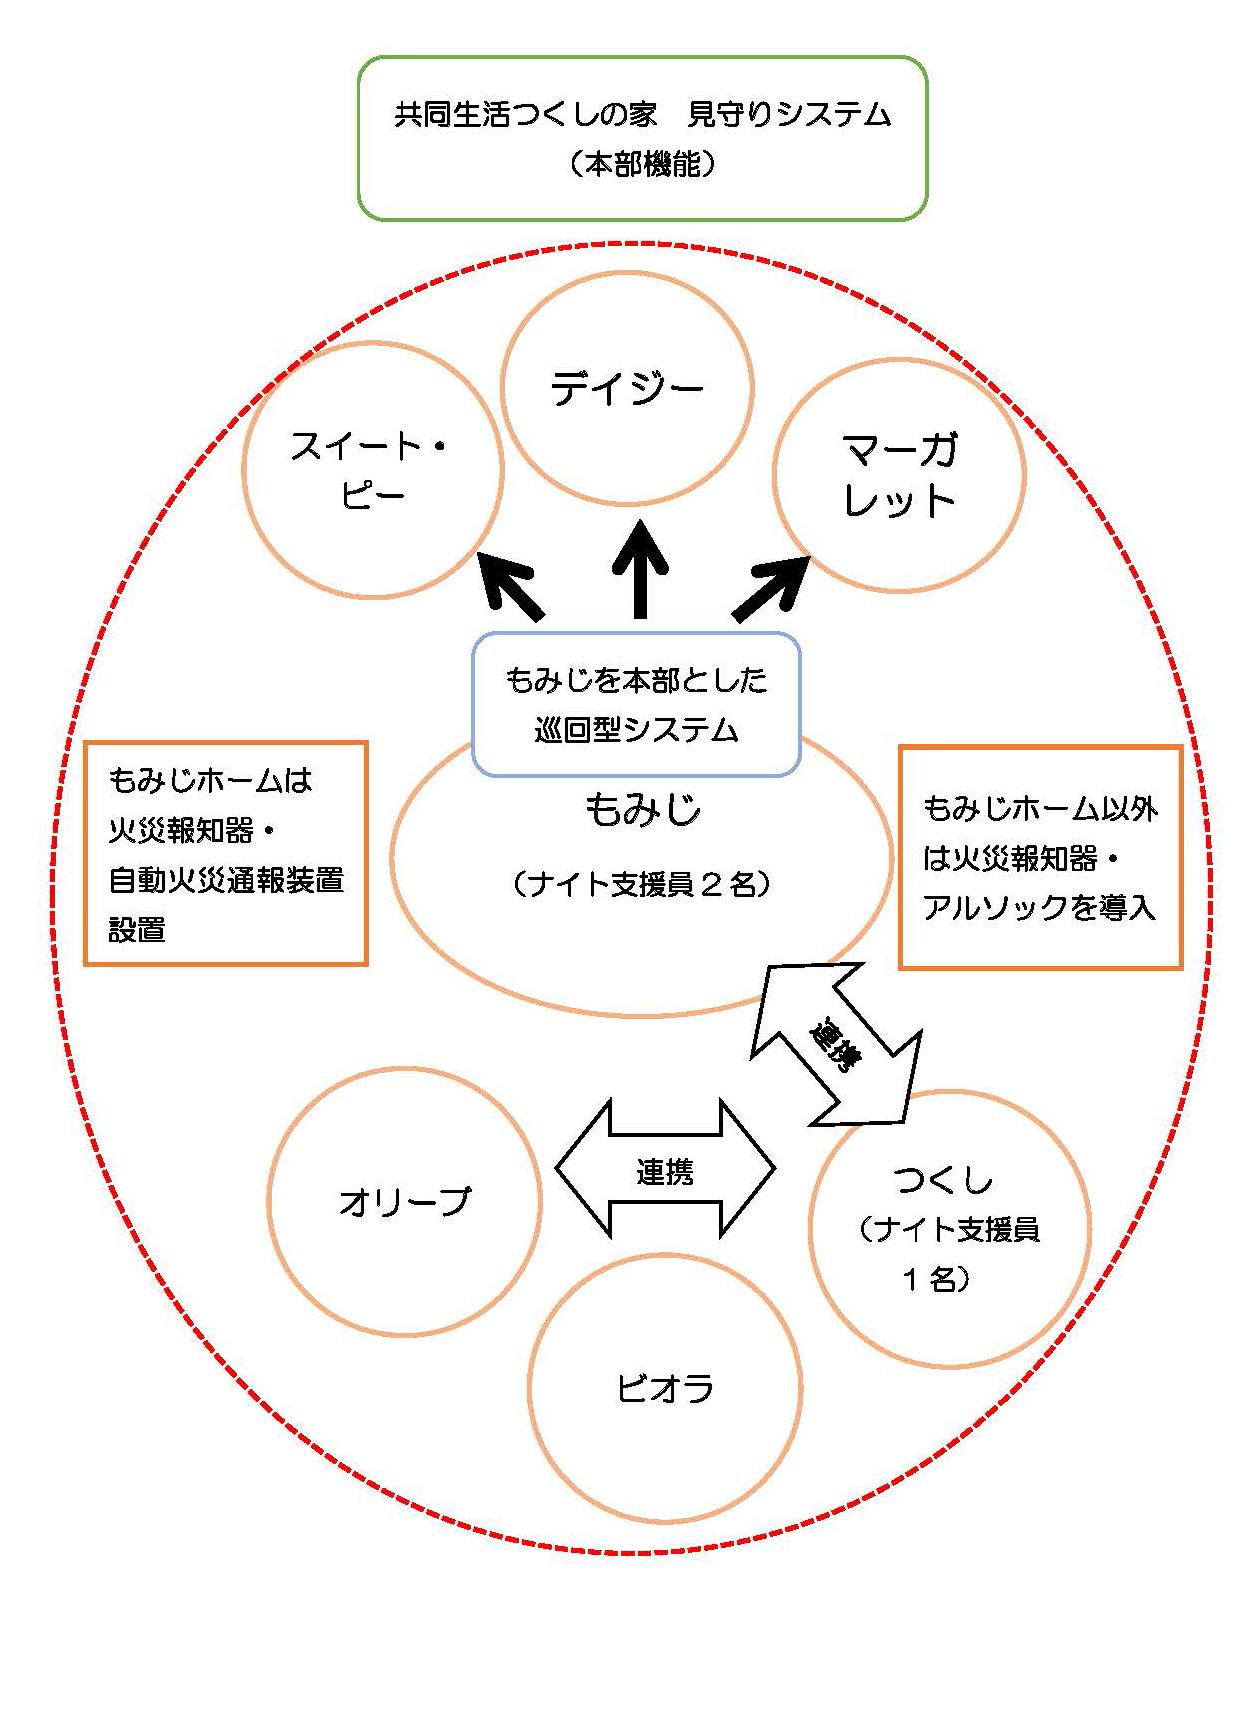 共同生活つくしの家 見守りシステム(本務機能)